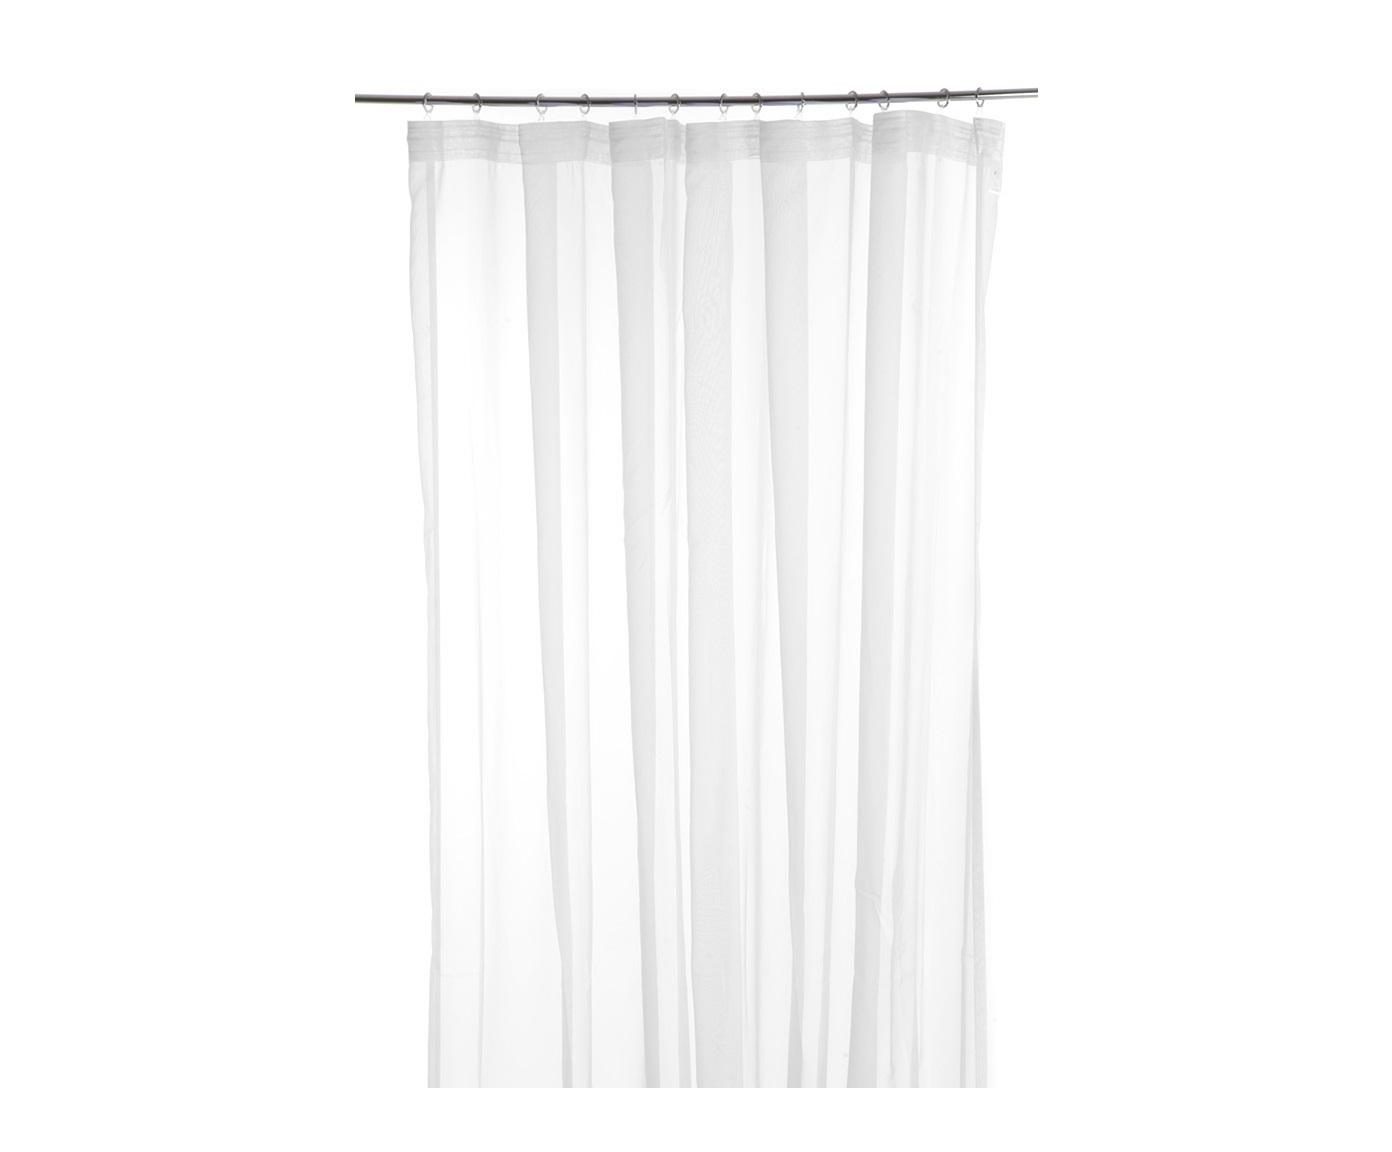 Вуаль Белая сиреньШторы<br>Тюль легкая на окно на тесьме для крючков.<br><br>Material: Тюль<br>Length см: 300<br>Width см: 260